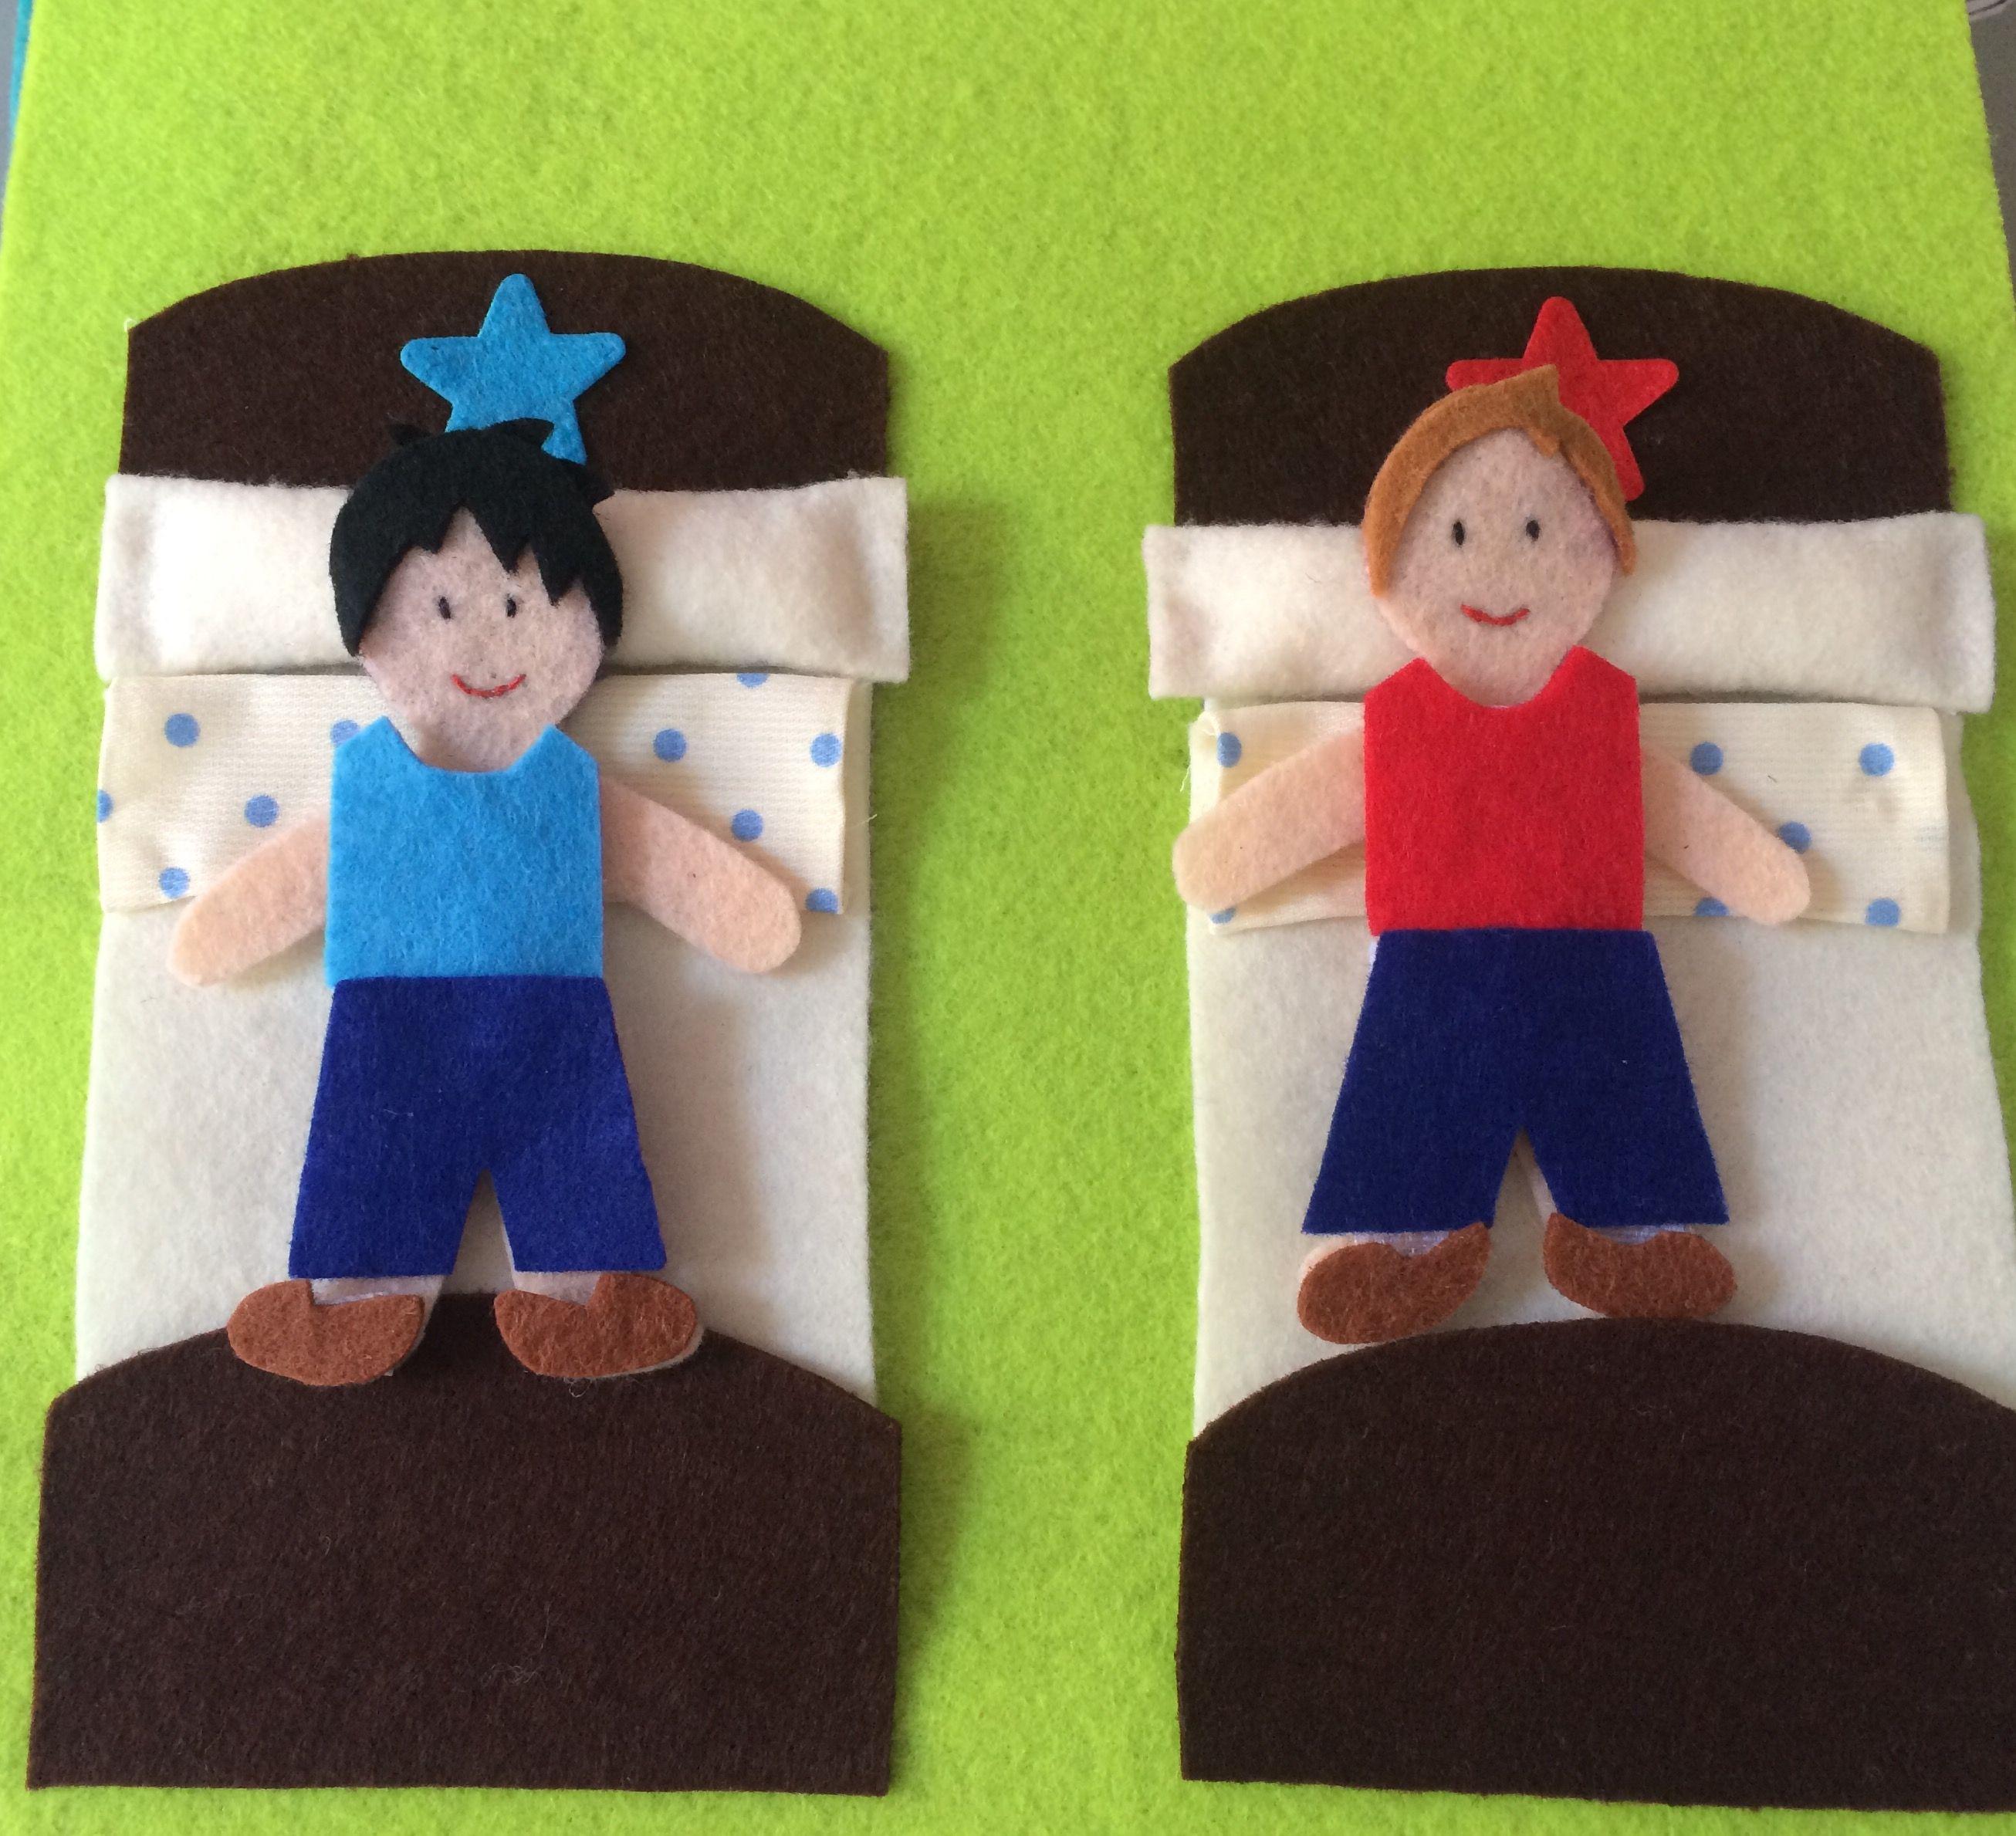 Hora de irse a la cama.Quietbook/Libro sensorial by Arte Sano KIDS. Juguetes sensoriales y educativos hechos a mano. Visita nuestra página de Facebook: Arte Sano KIDS. Instagram: @artesanokids